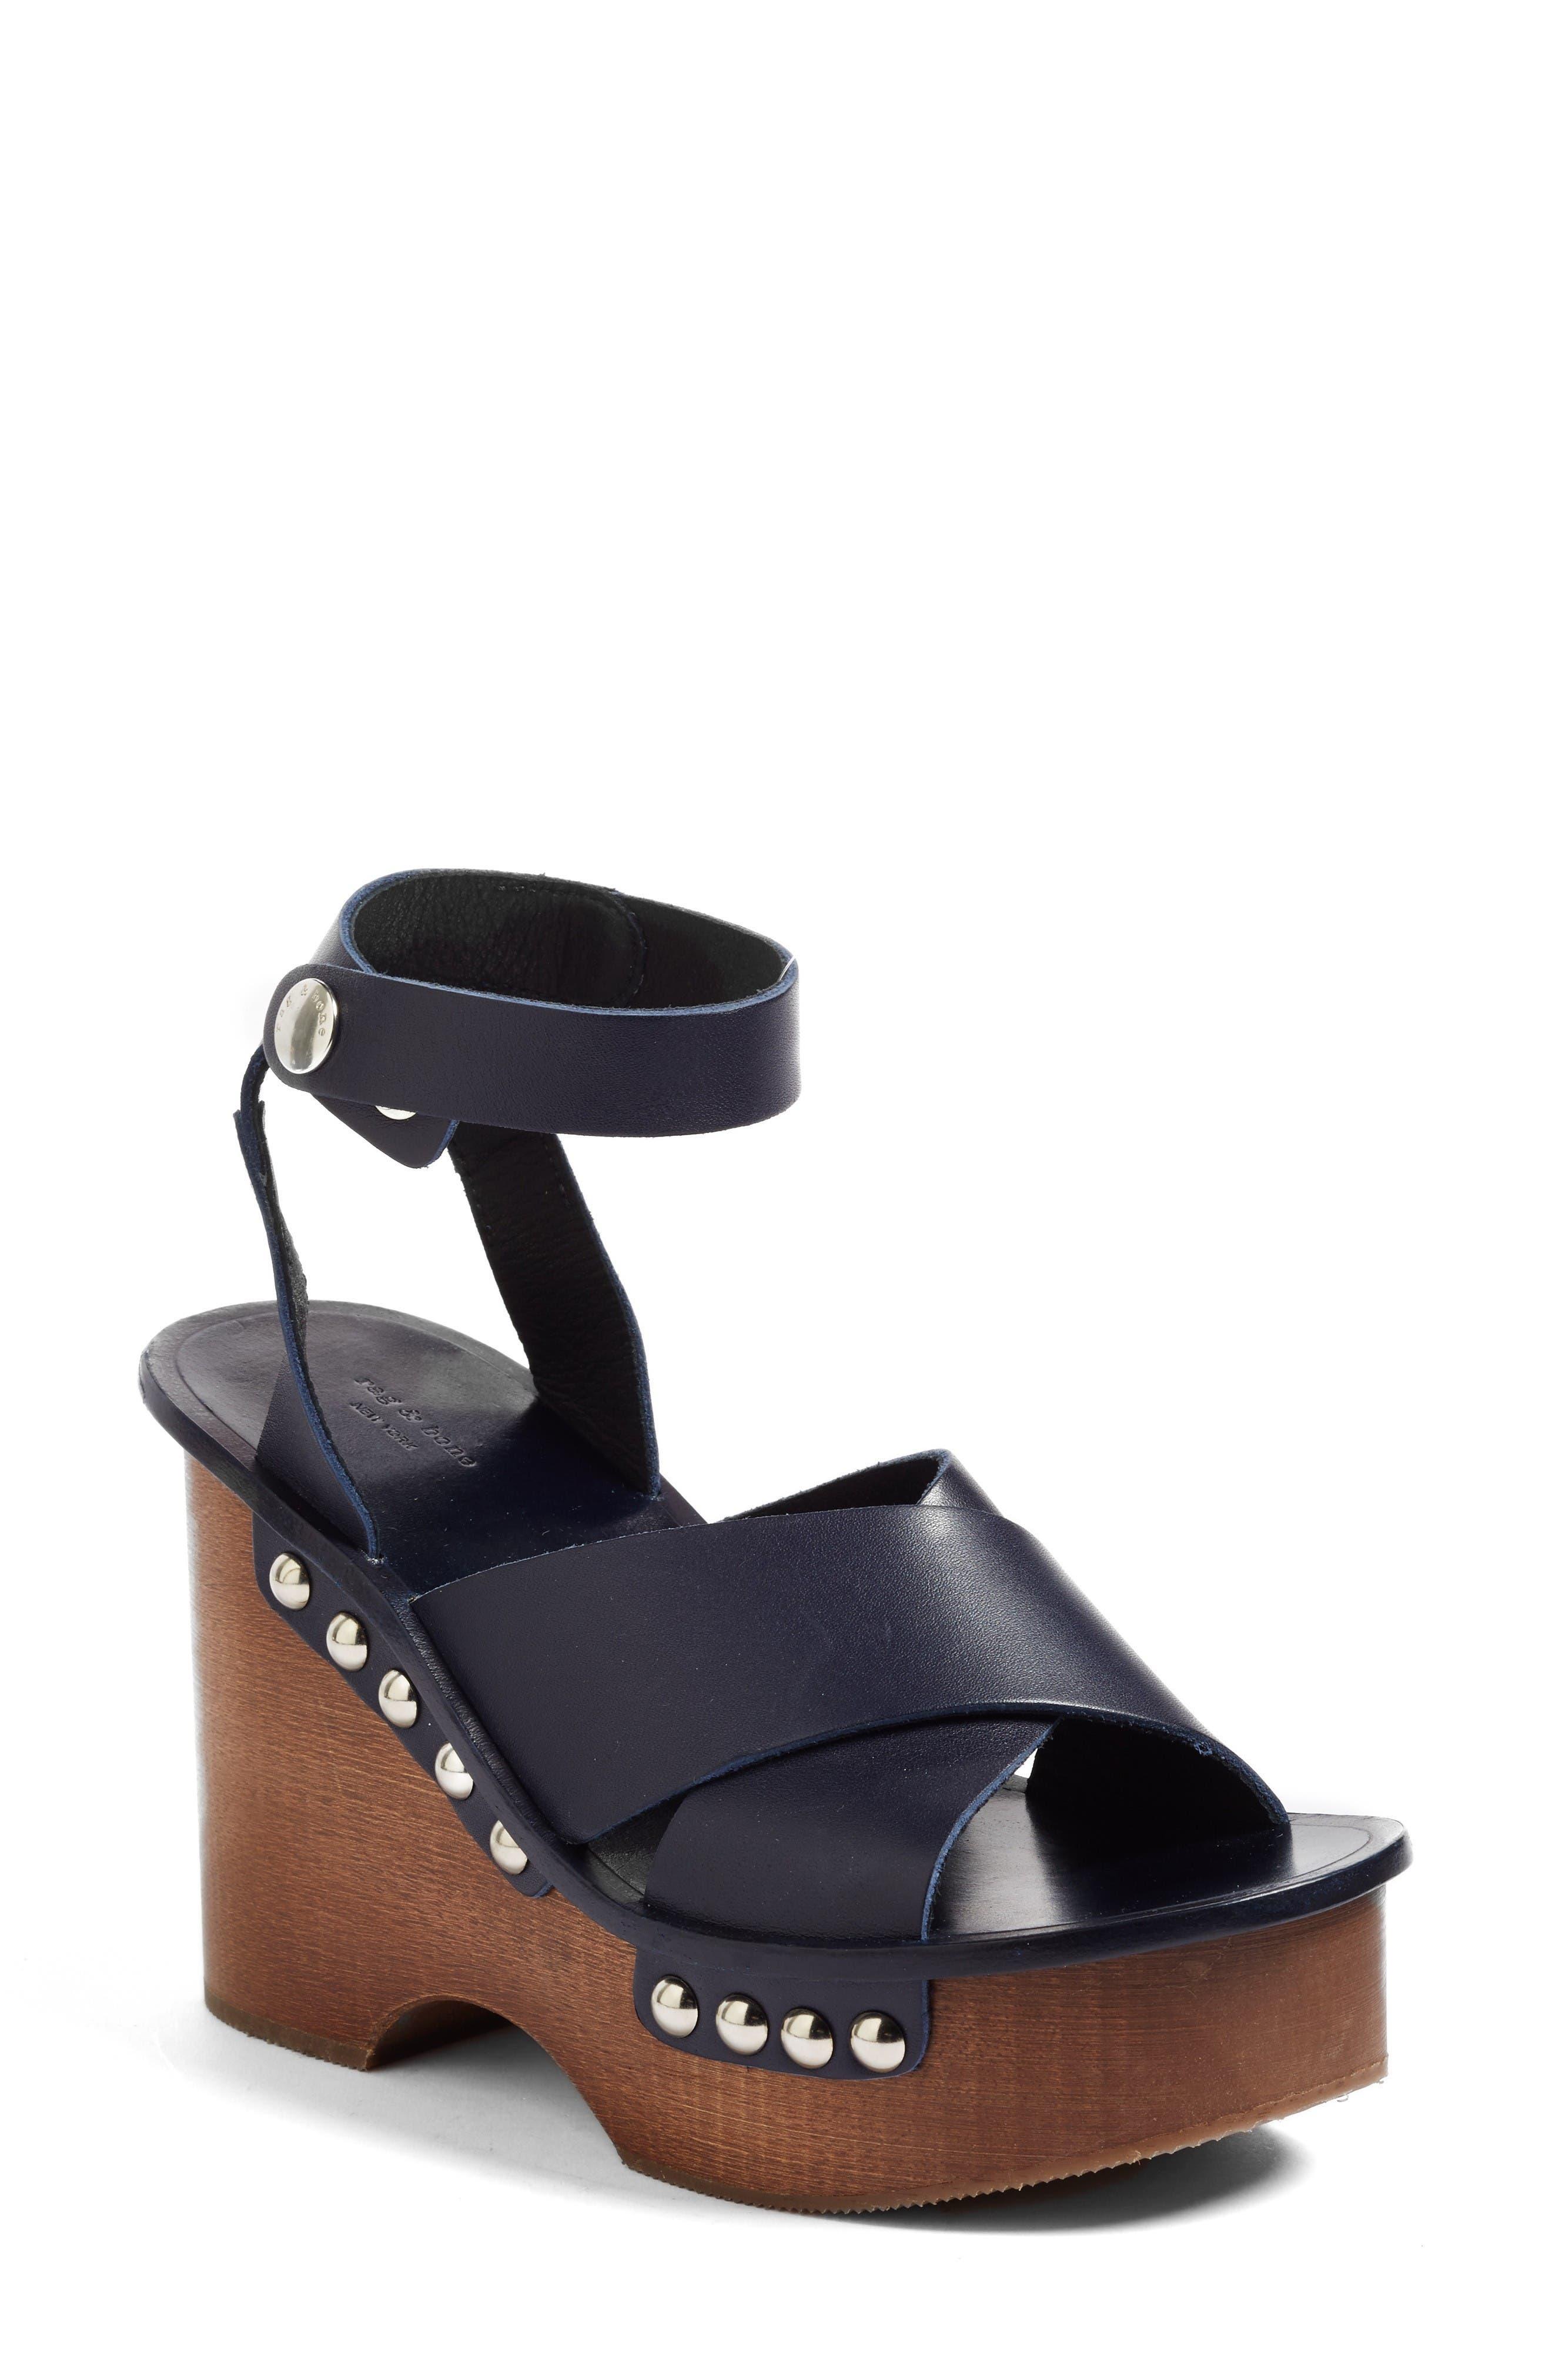 Alternate Image 1 Selected - rag & bone Hester Platform Sandal (Women)